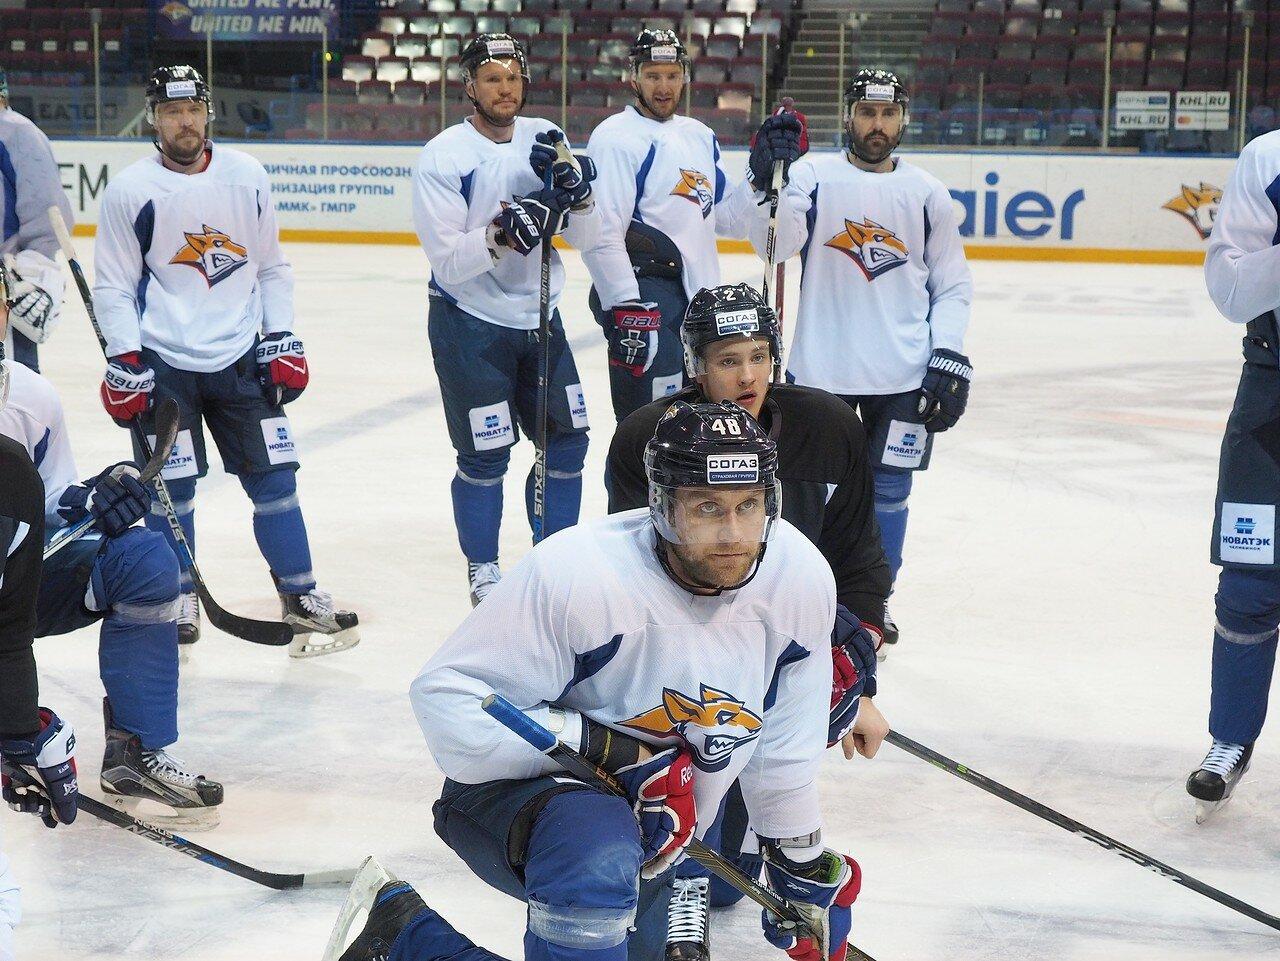 36 Открытая тренировка перед финалом плей-офф восточной конференции КХЛ 2017 22.03.2017